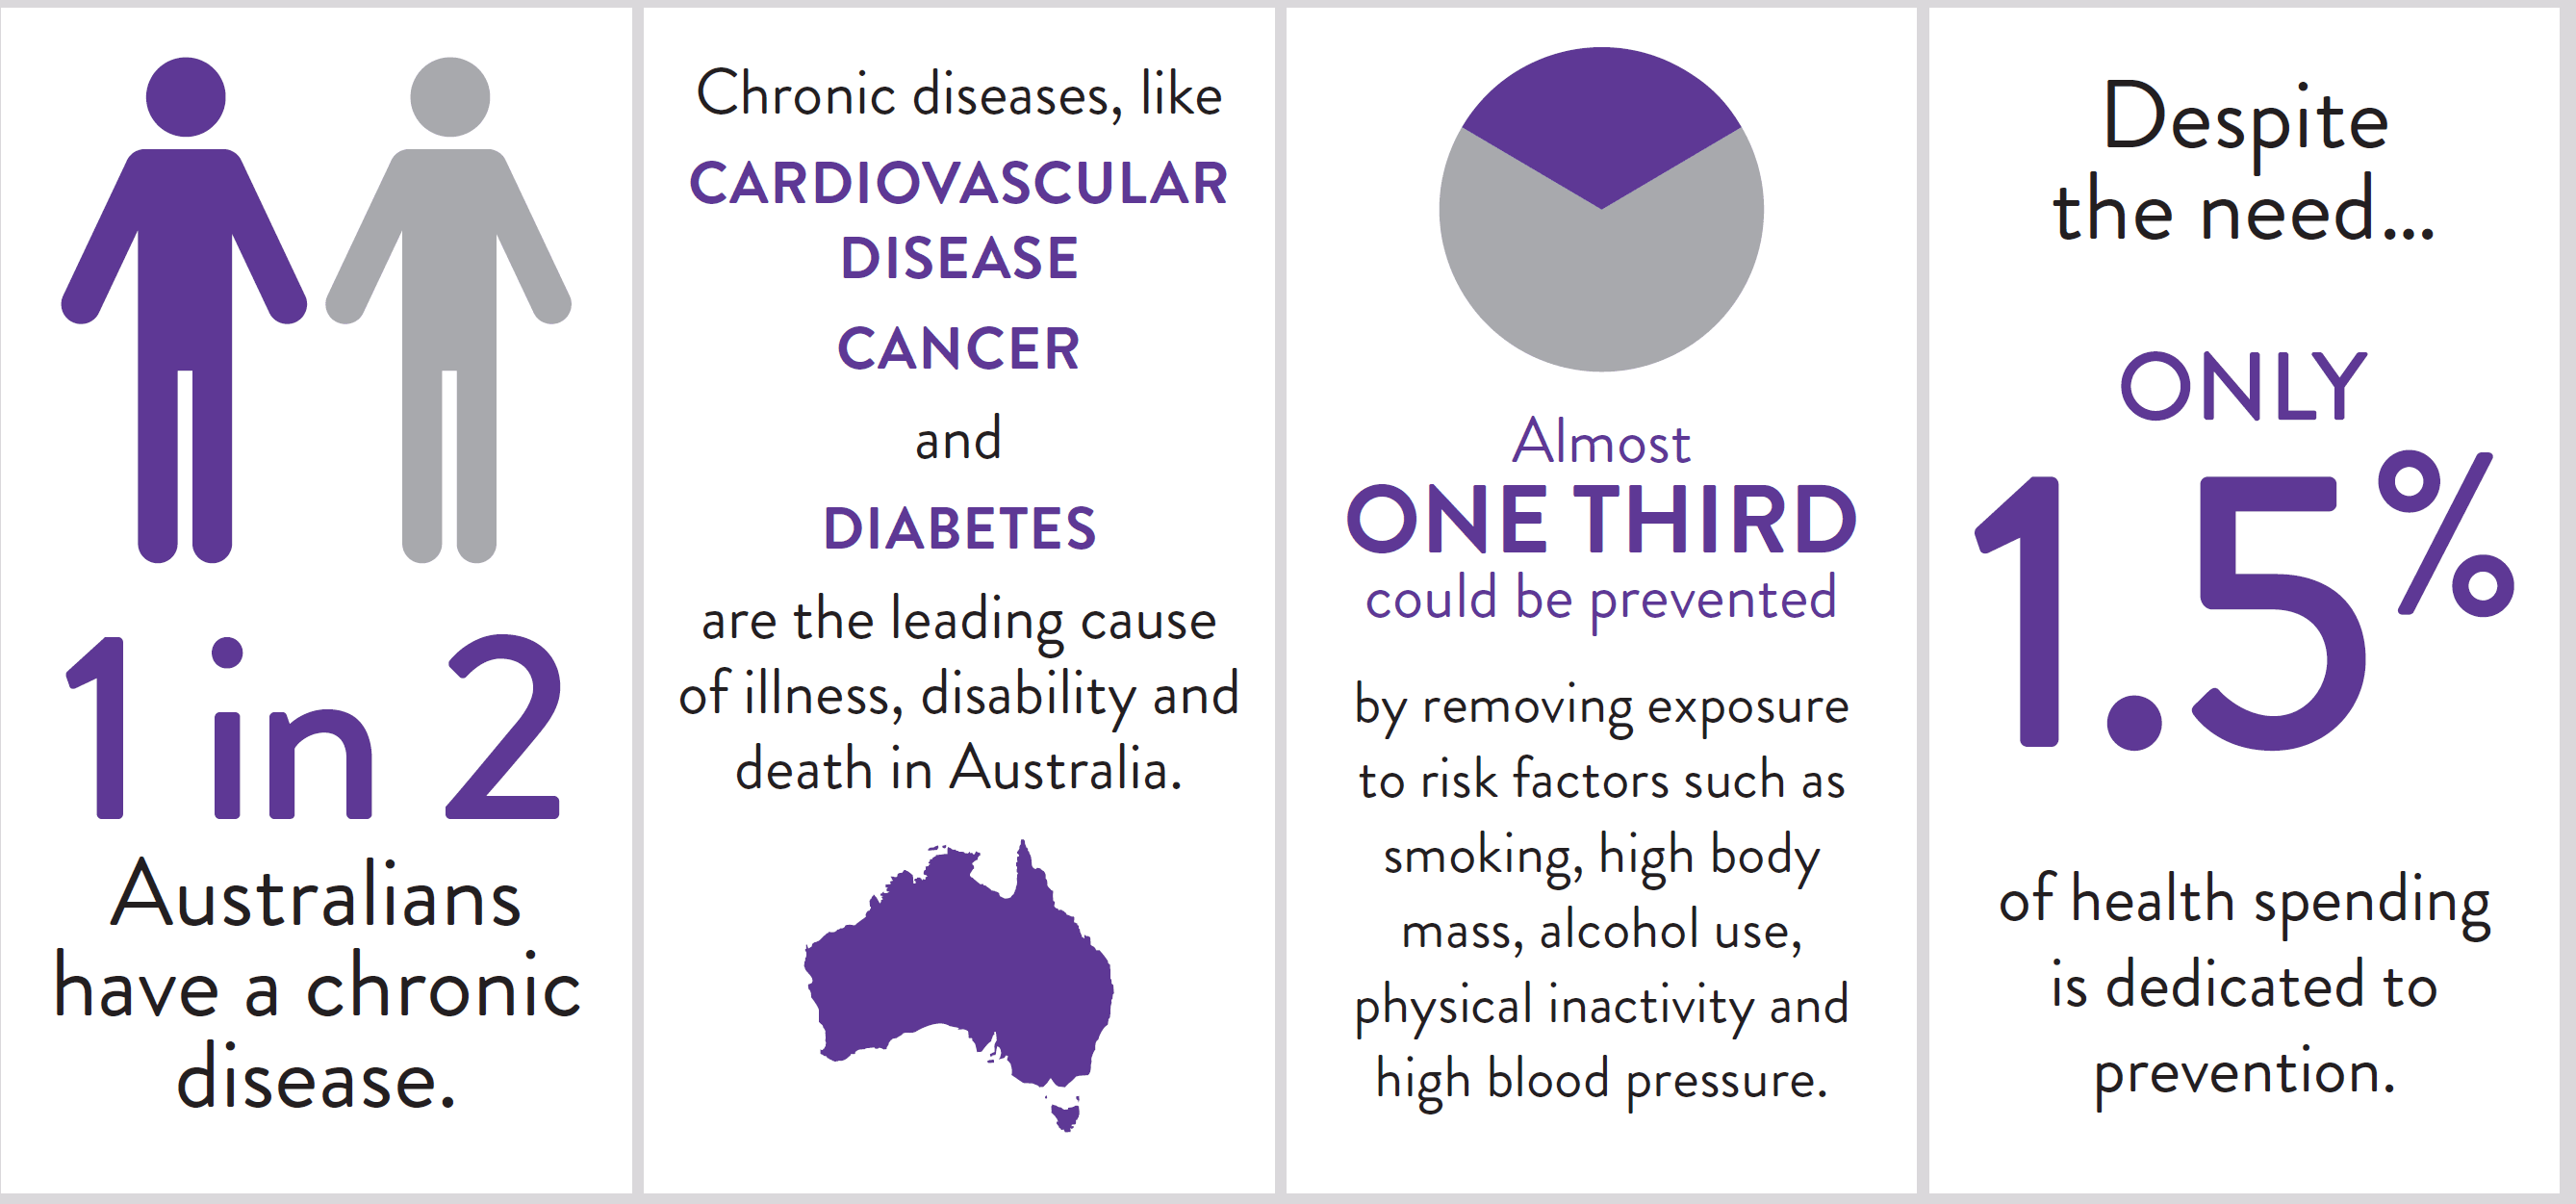 1 in 2 Australians